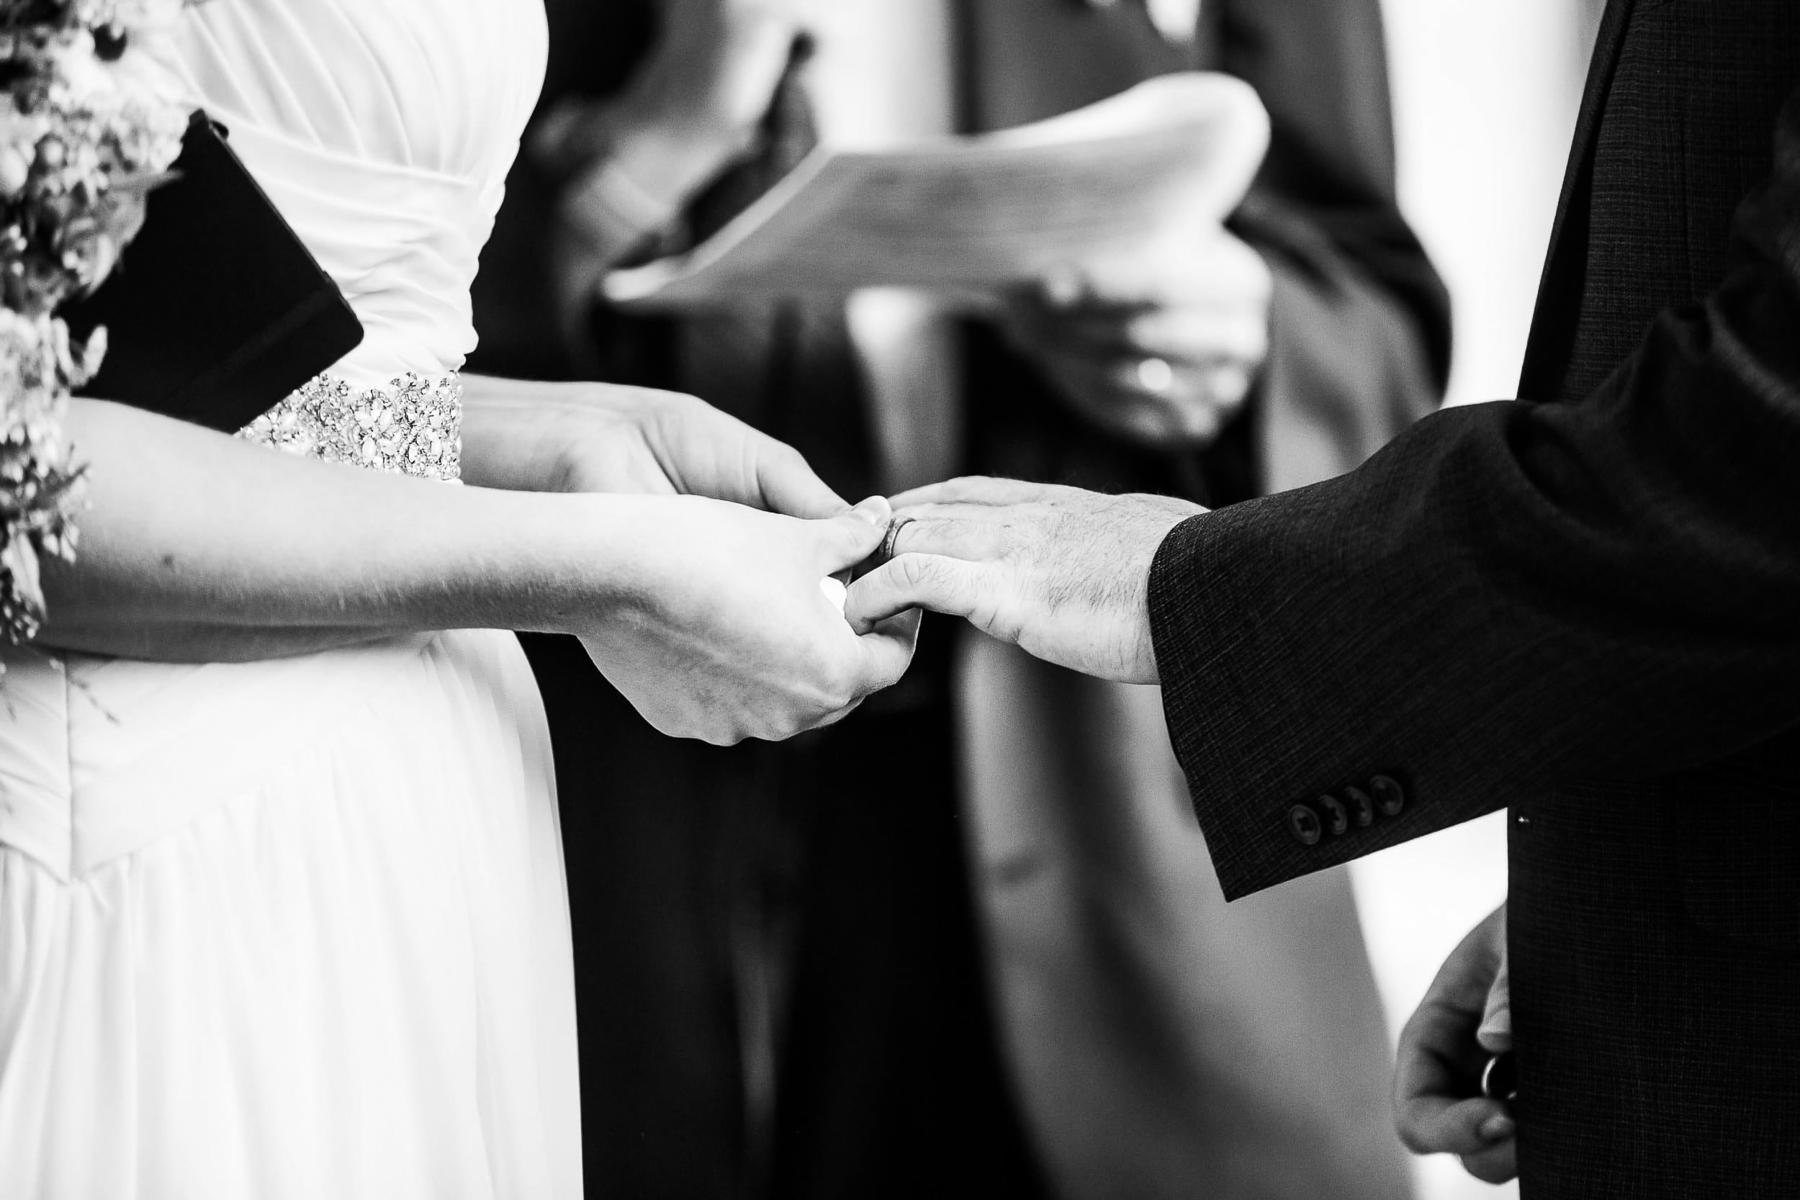 Boulder, Colorado Hochzeitsfotograf | Die Braut streift den Ring an der Hand des Bräutigams